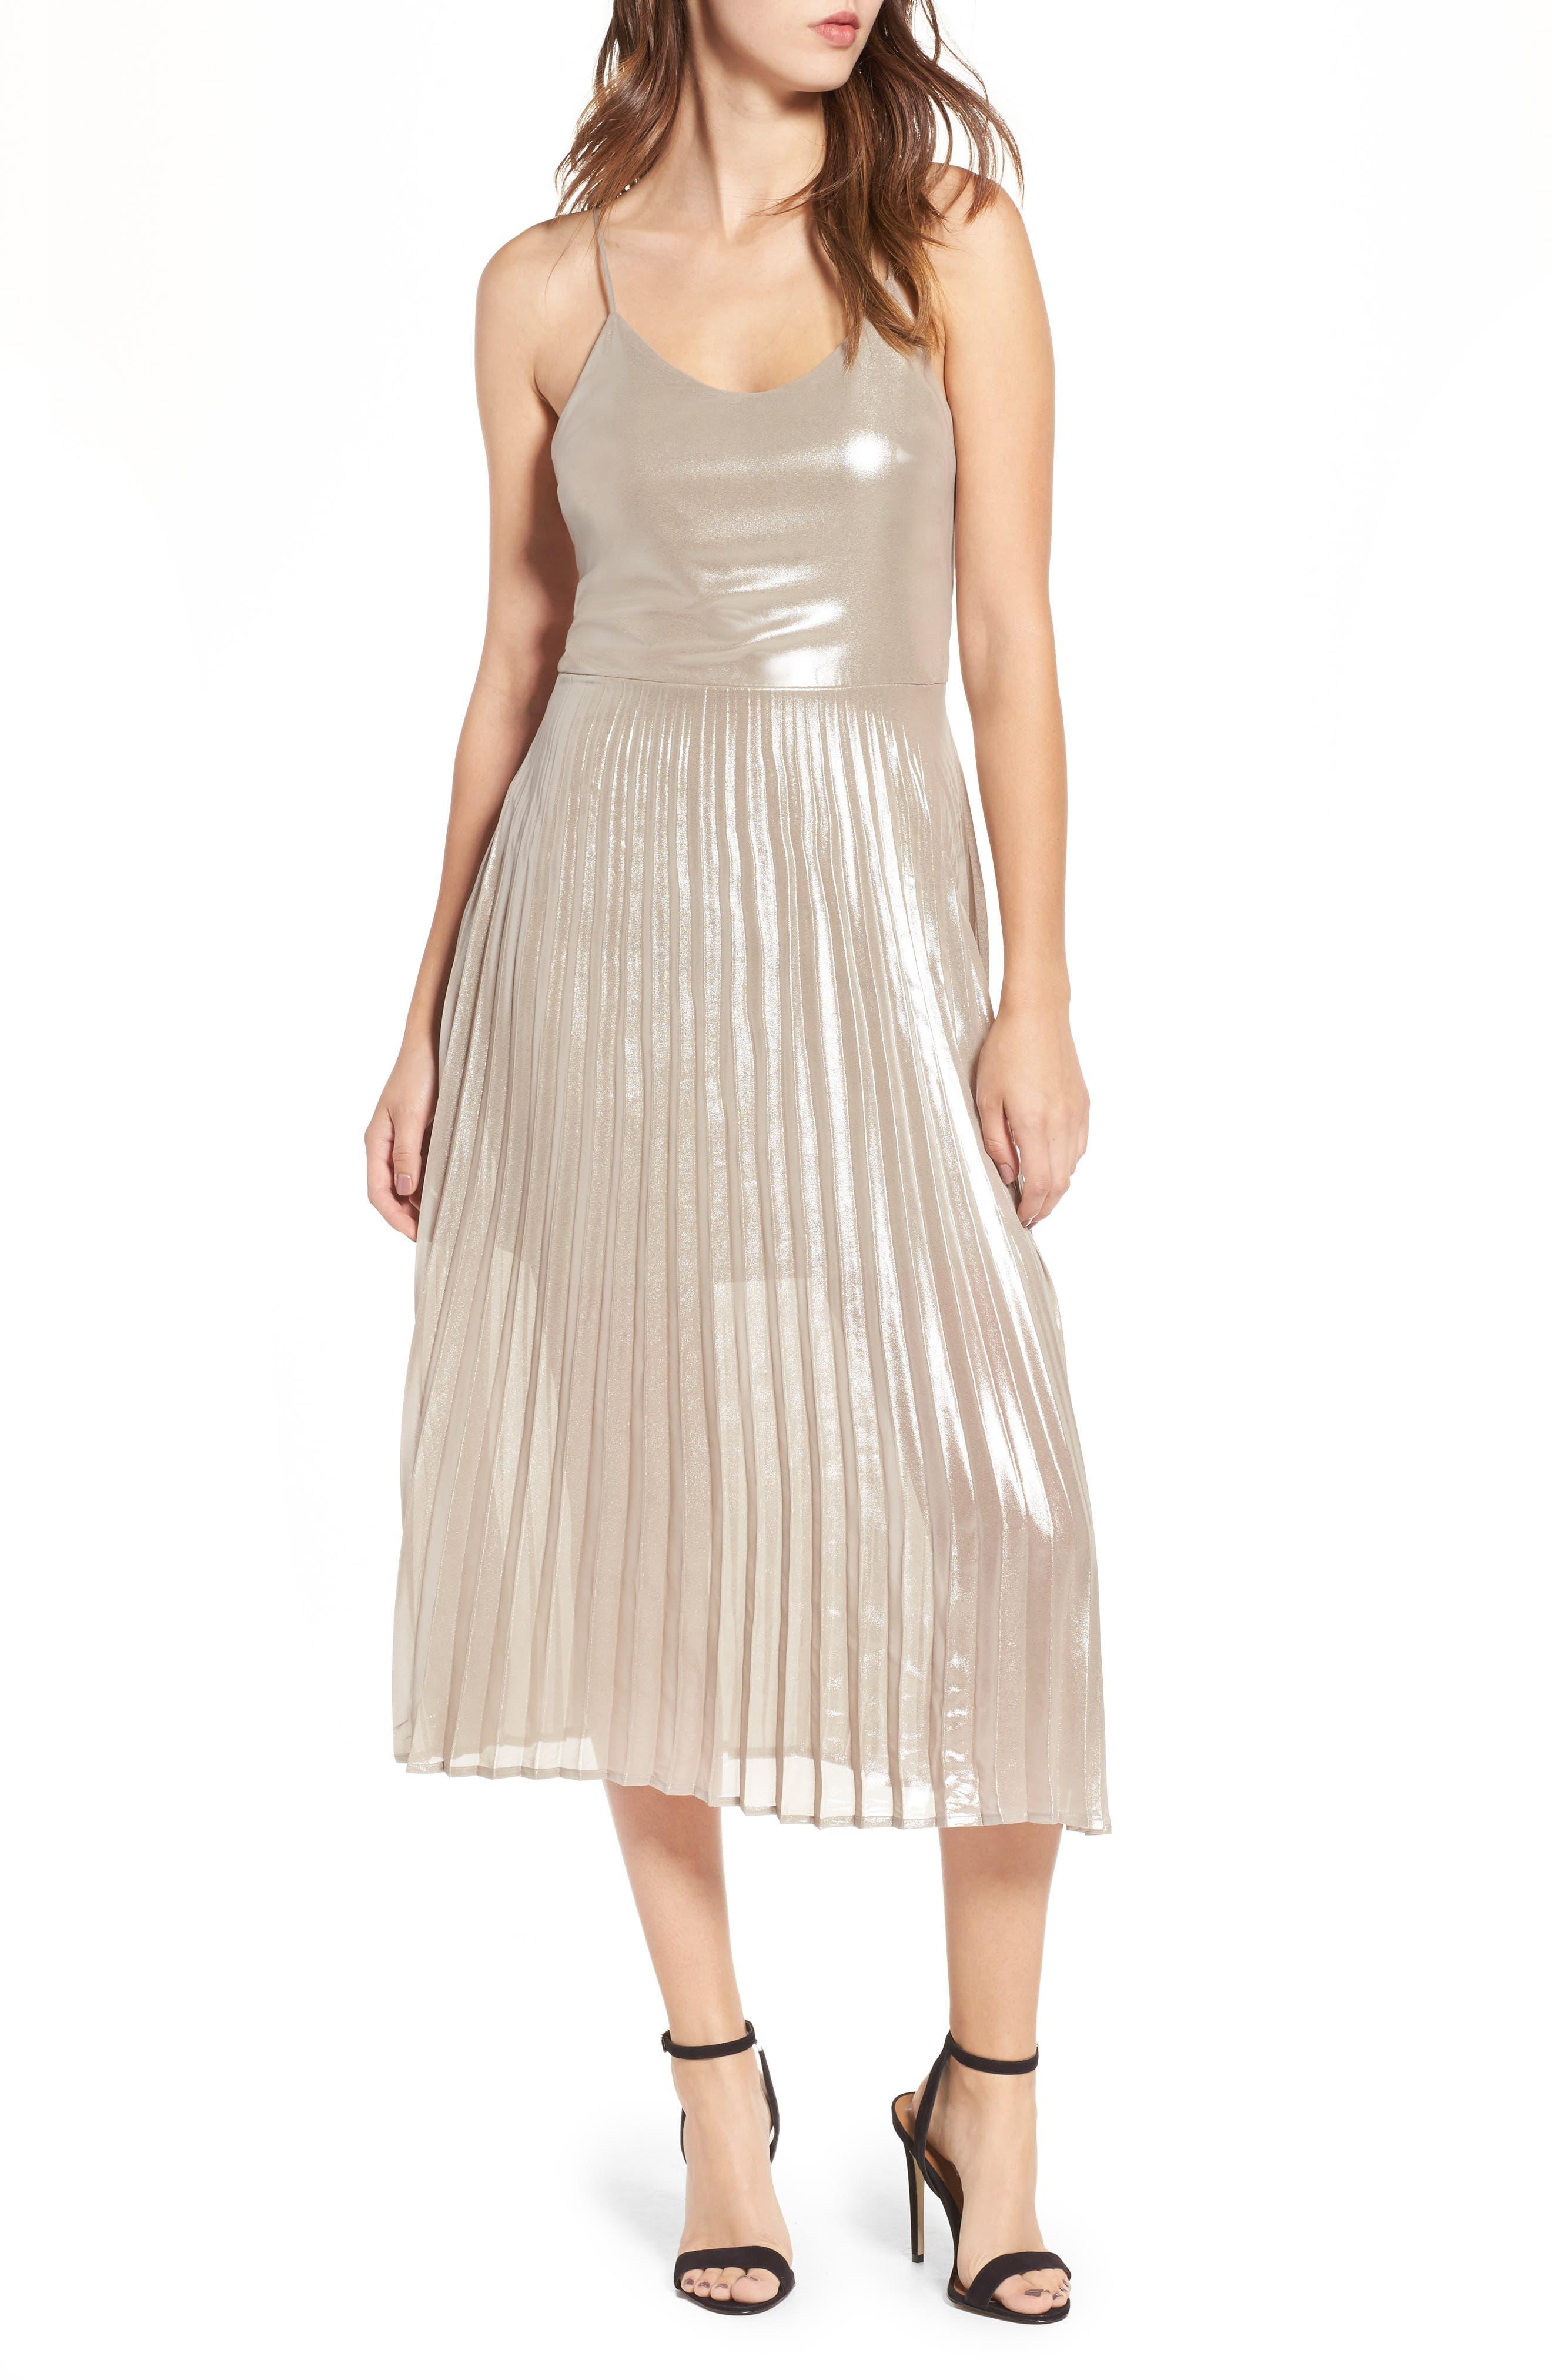 Alternate Image 1 Selected - Love, Fire Metallic Pleated Midi Dress